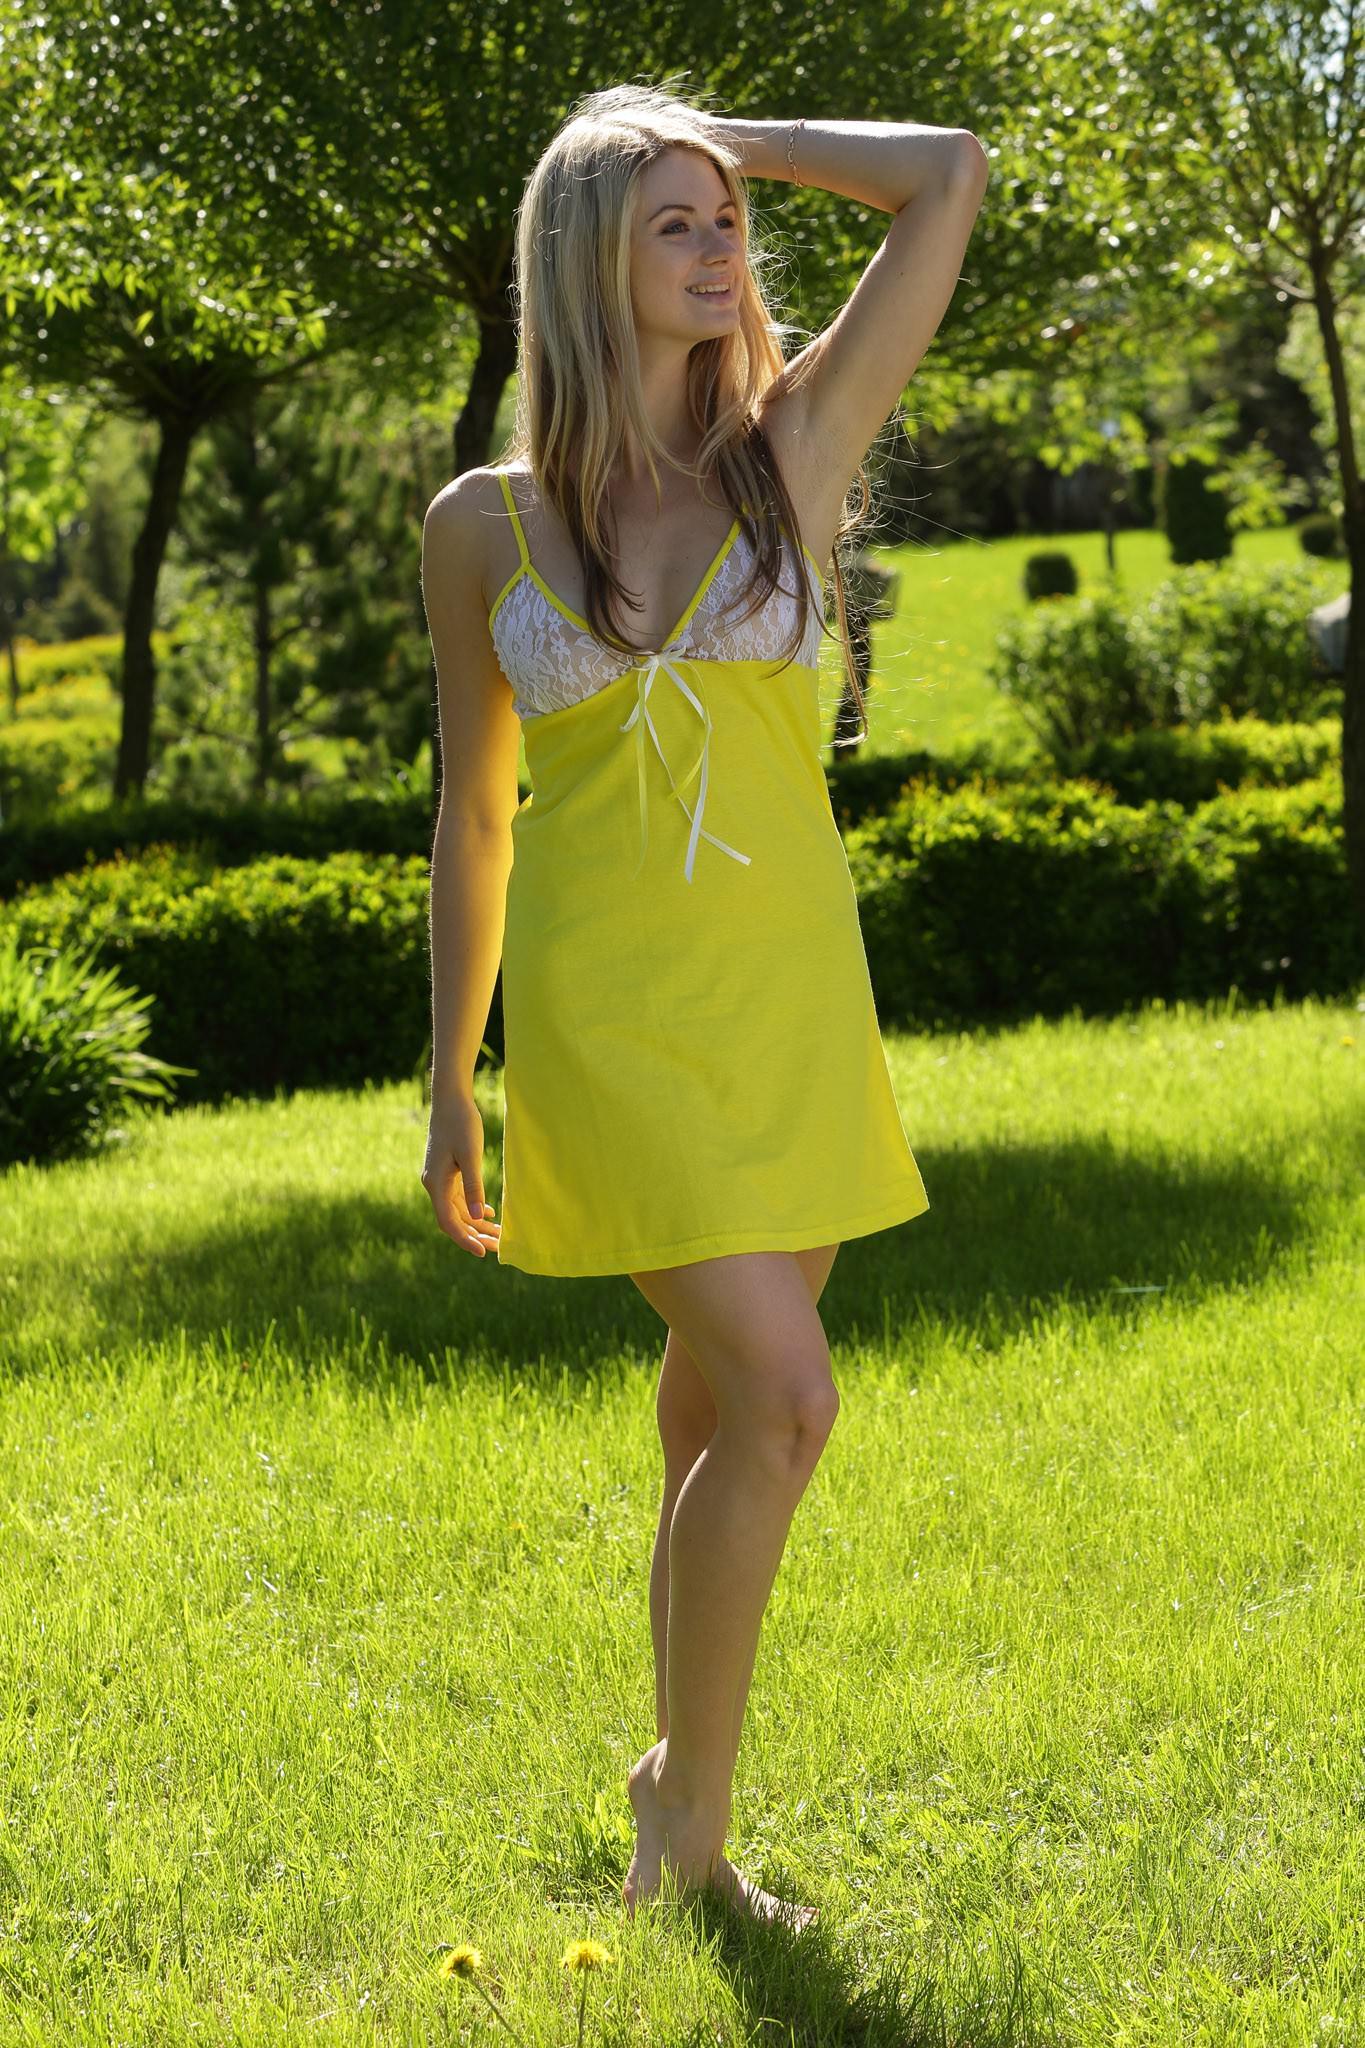 Сорочка с кружевными чашечками FIORITA арт. 7129 купить в ... - photo#37